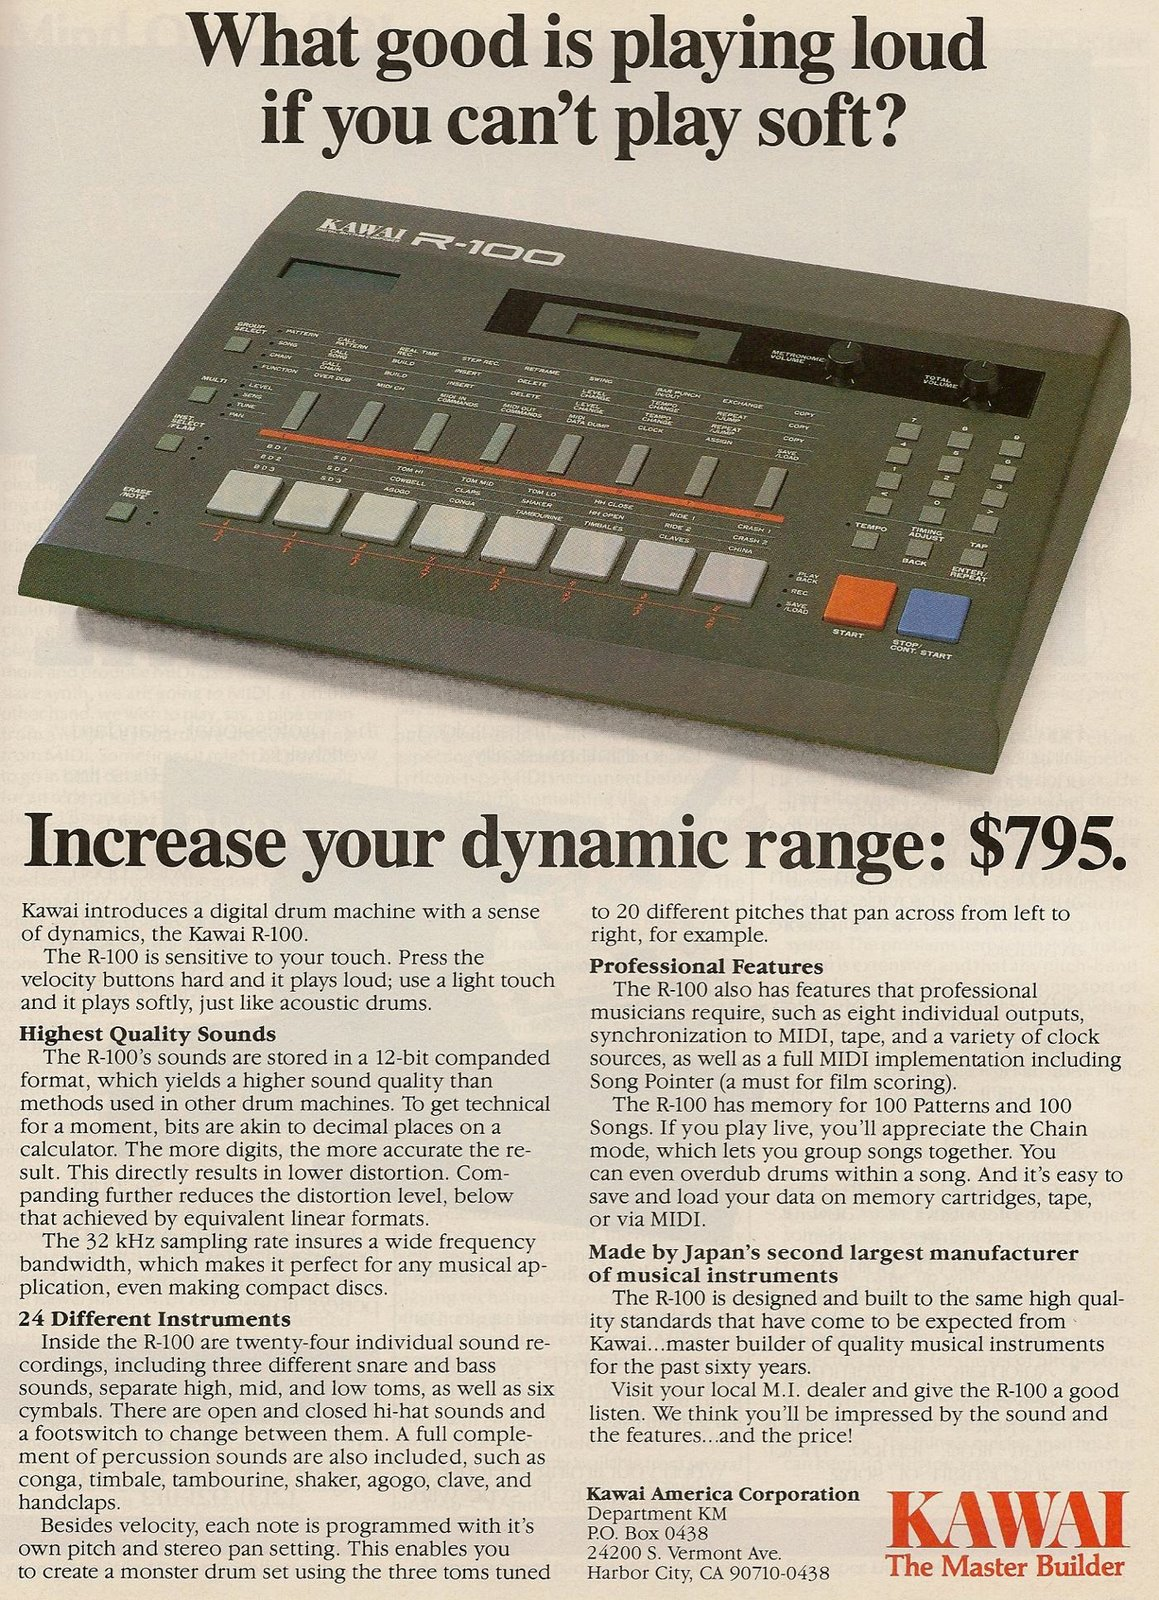 keyboard ad